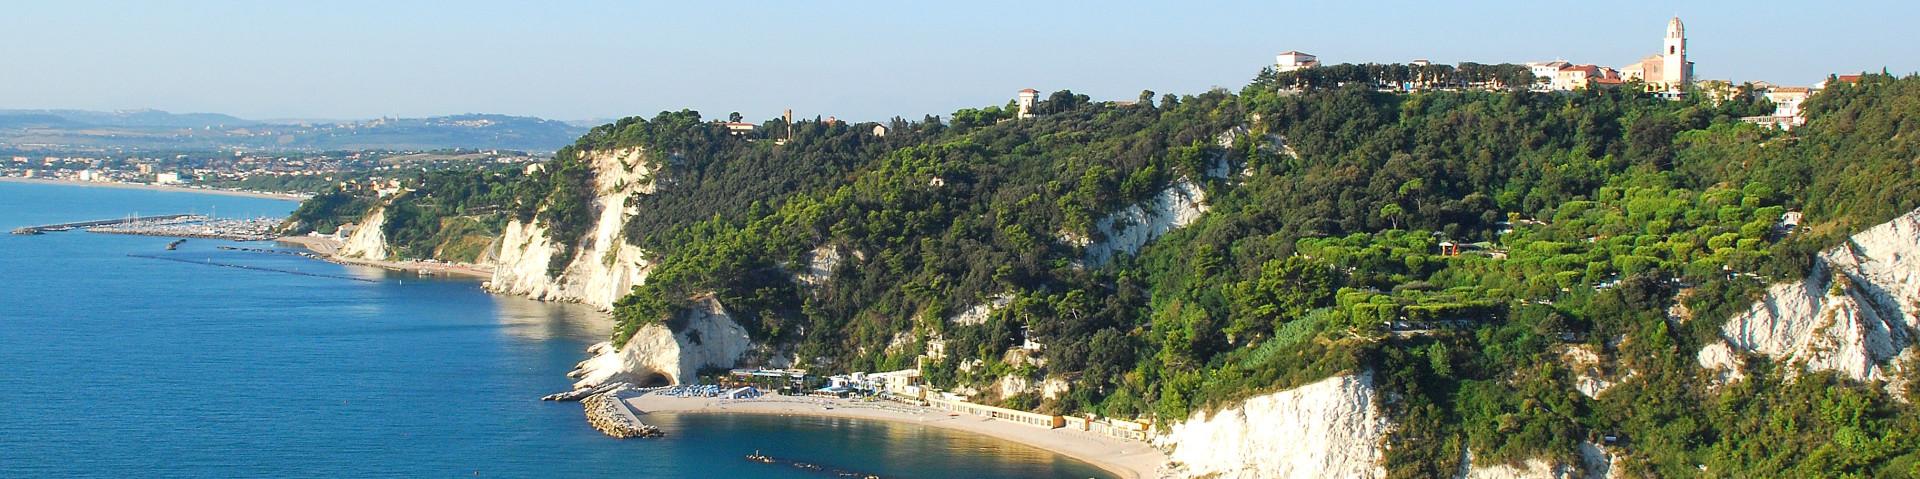 Sirolo je vpravo nahoře, pod ním jsou vyhlášené pláže, v pozadí Porto Recanati